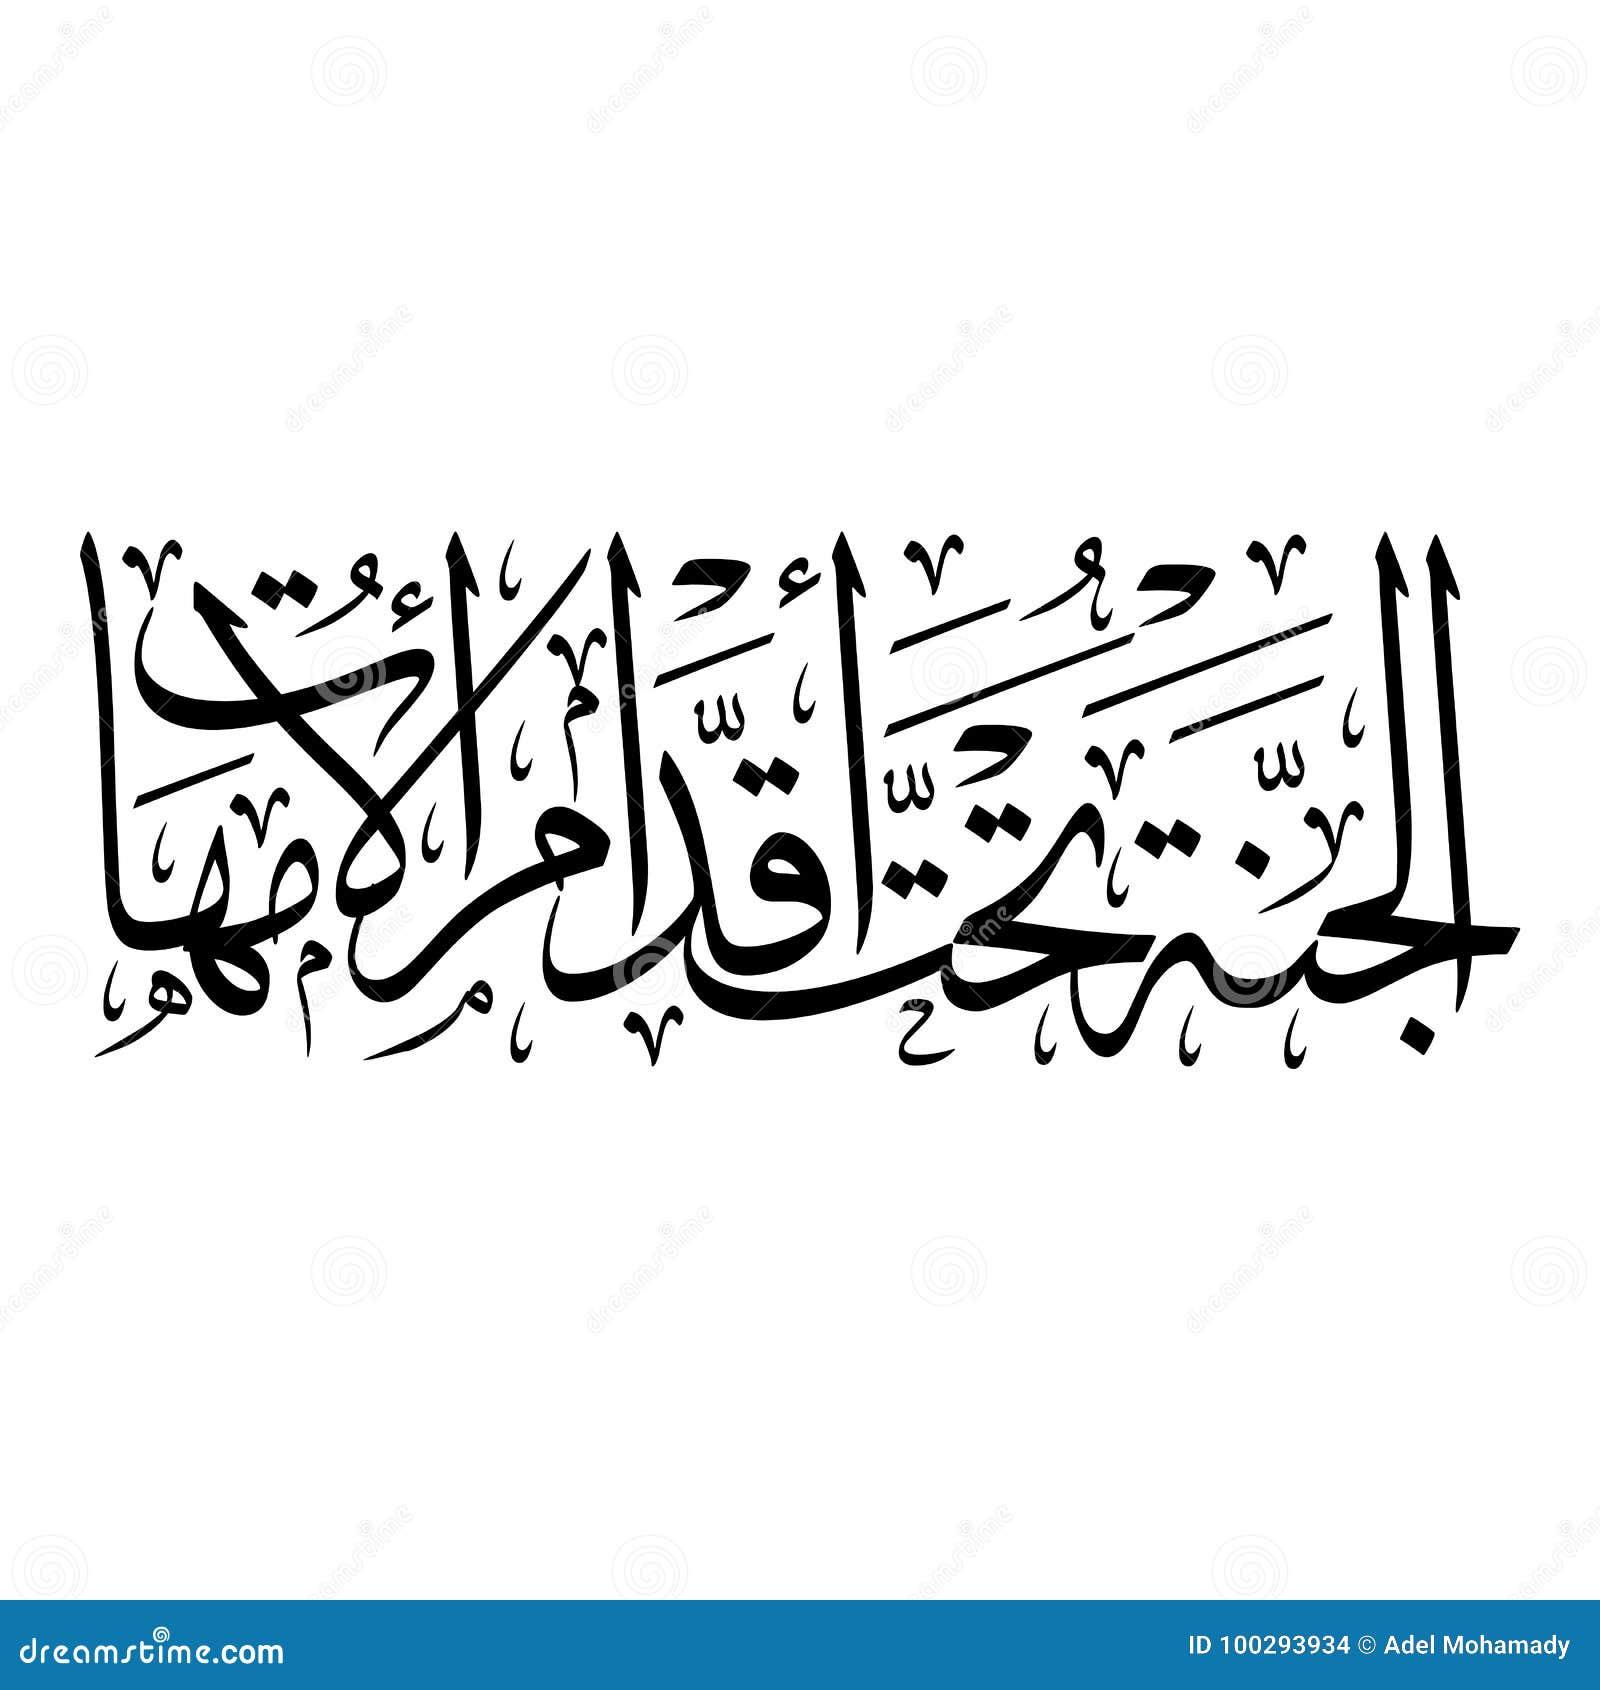 AL JANNA TAHT AQDAM AL UMAHAT Calligraphy Stock Vector